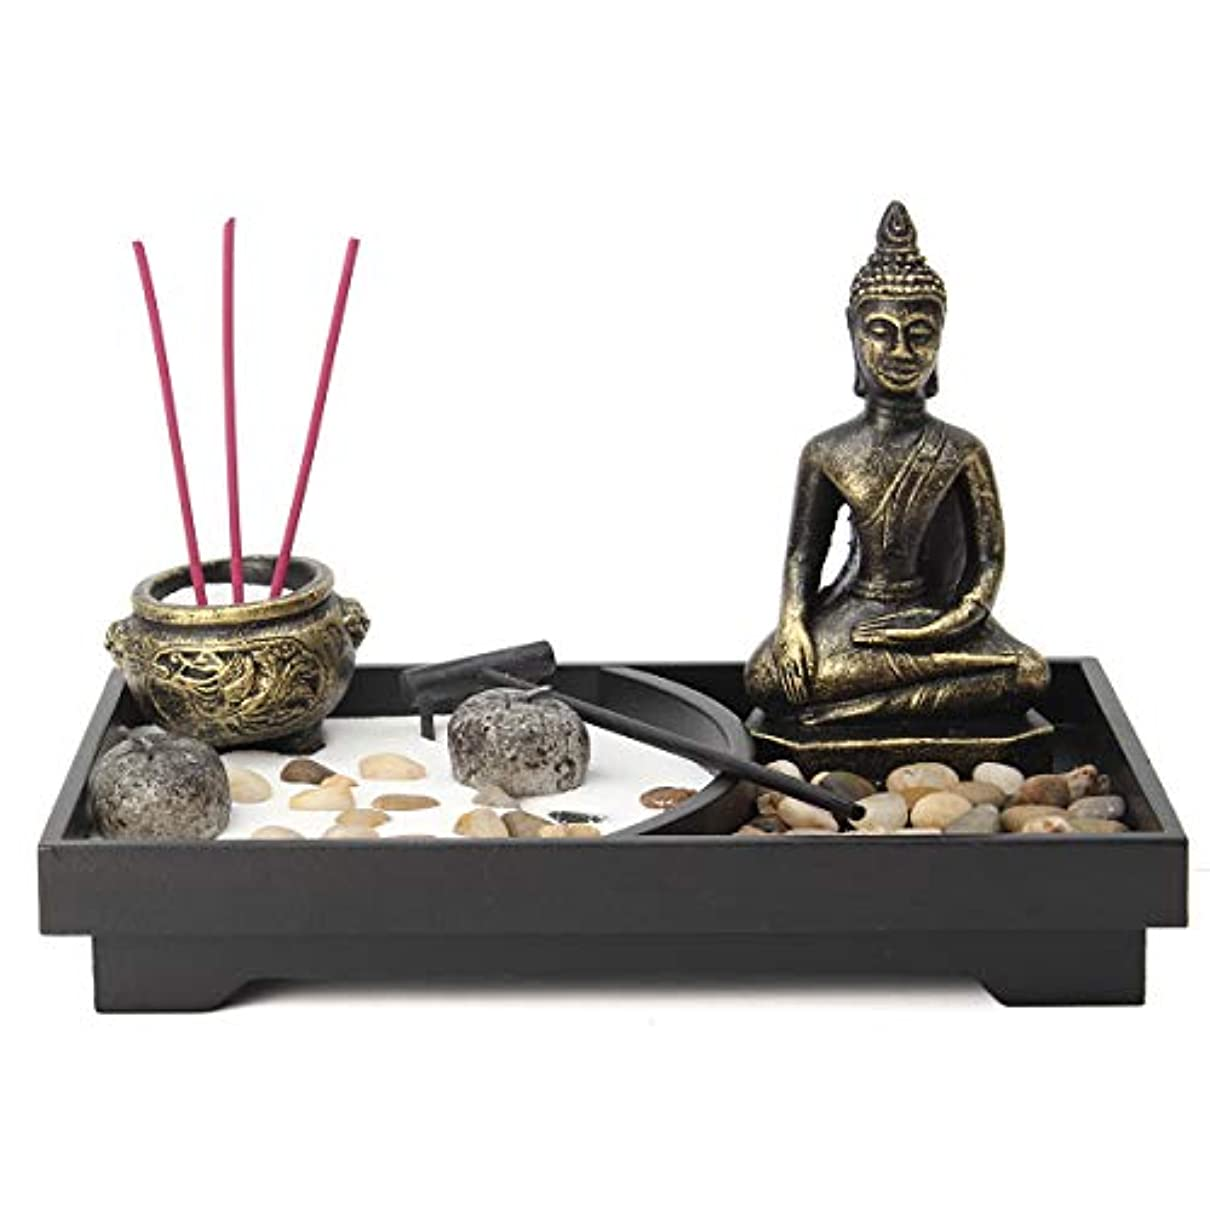 トムオードリース発音フィドルjeteven Buddha Statue Incense Holder Mini瞑想Zen Garden withワックス、お香バーナーホルダースティックホームDecor & Handicraft、8.82